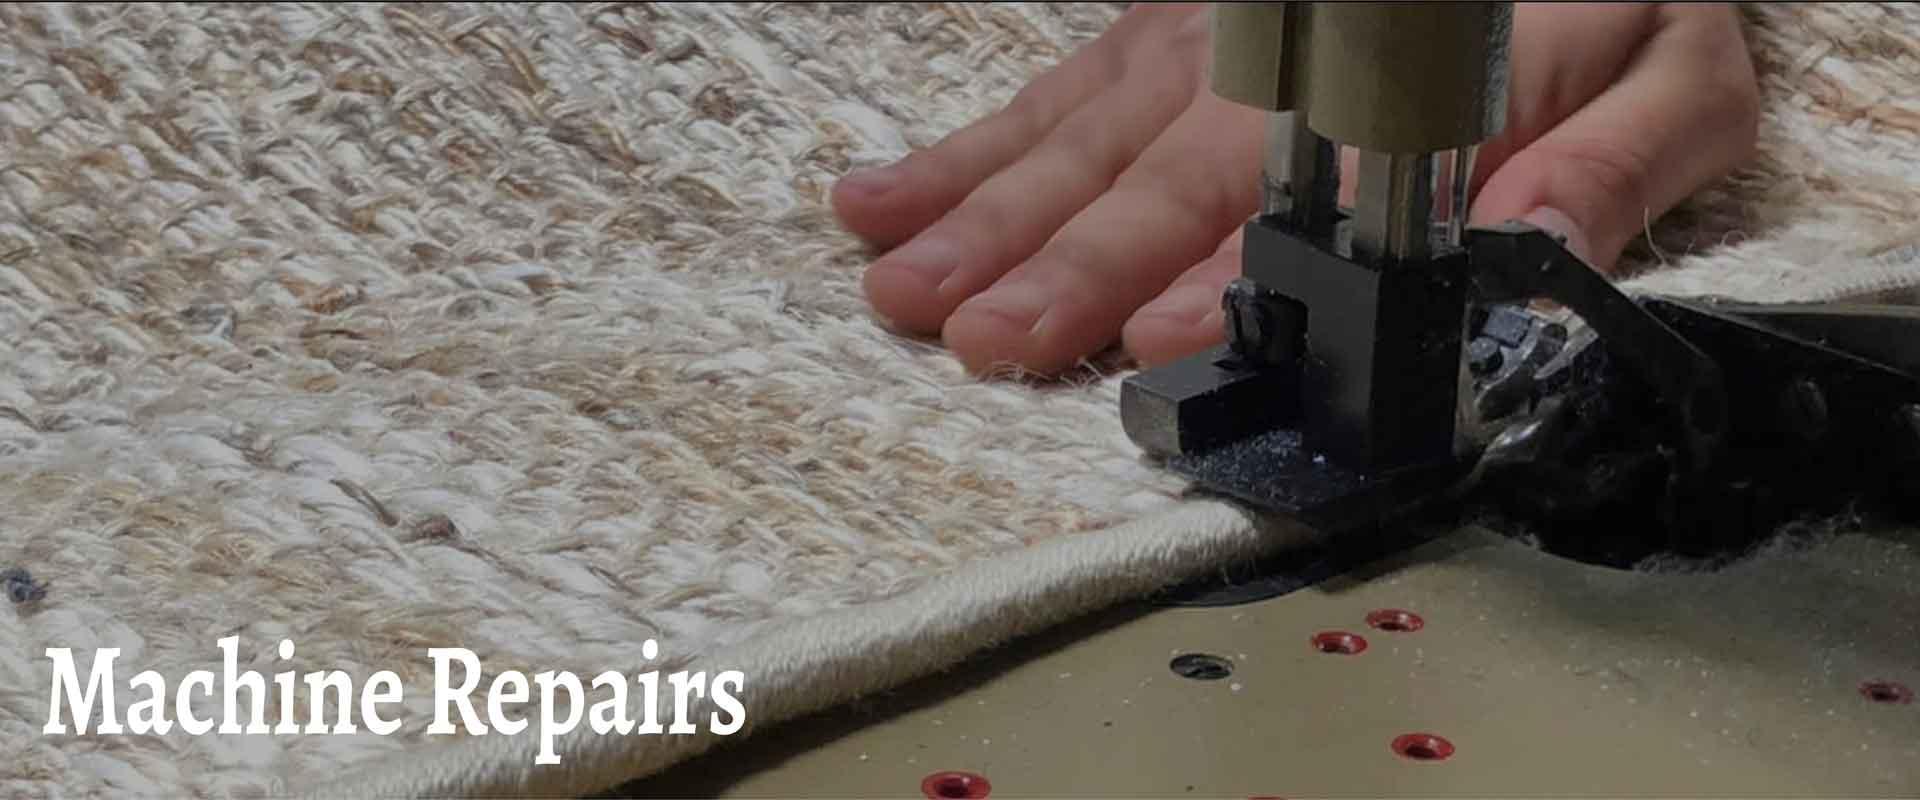 machine-repairs-header